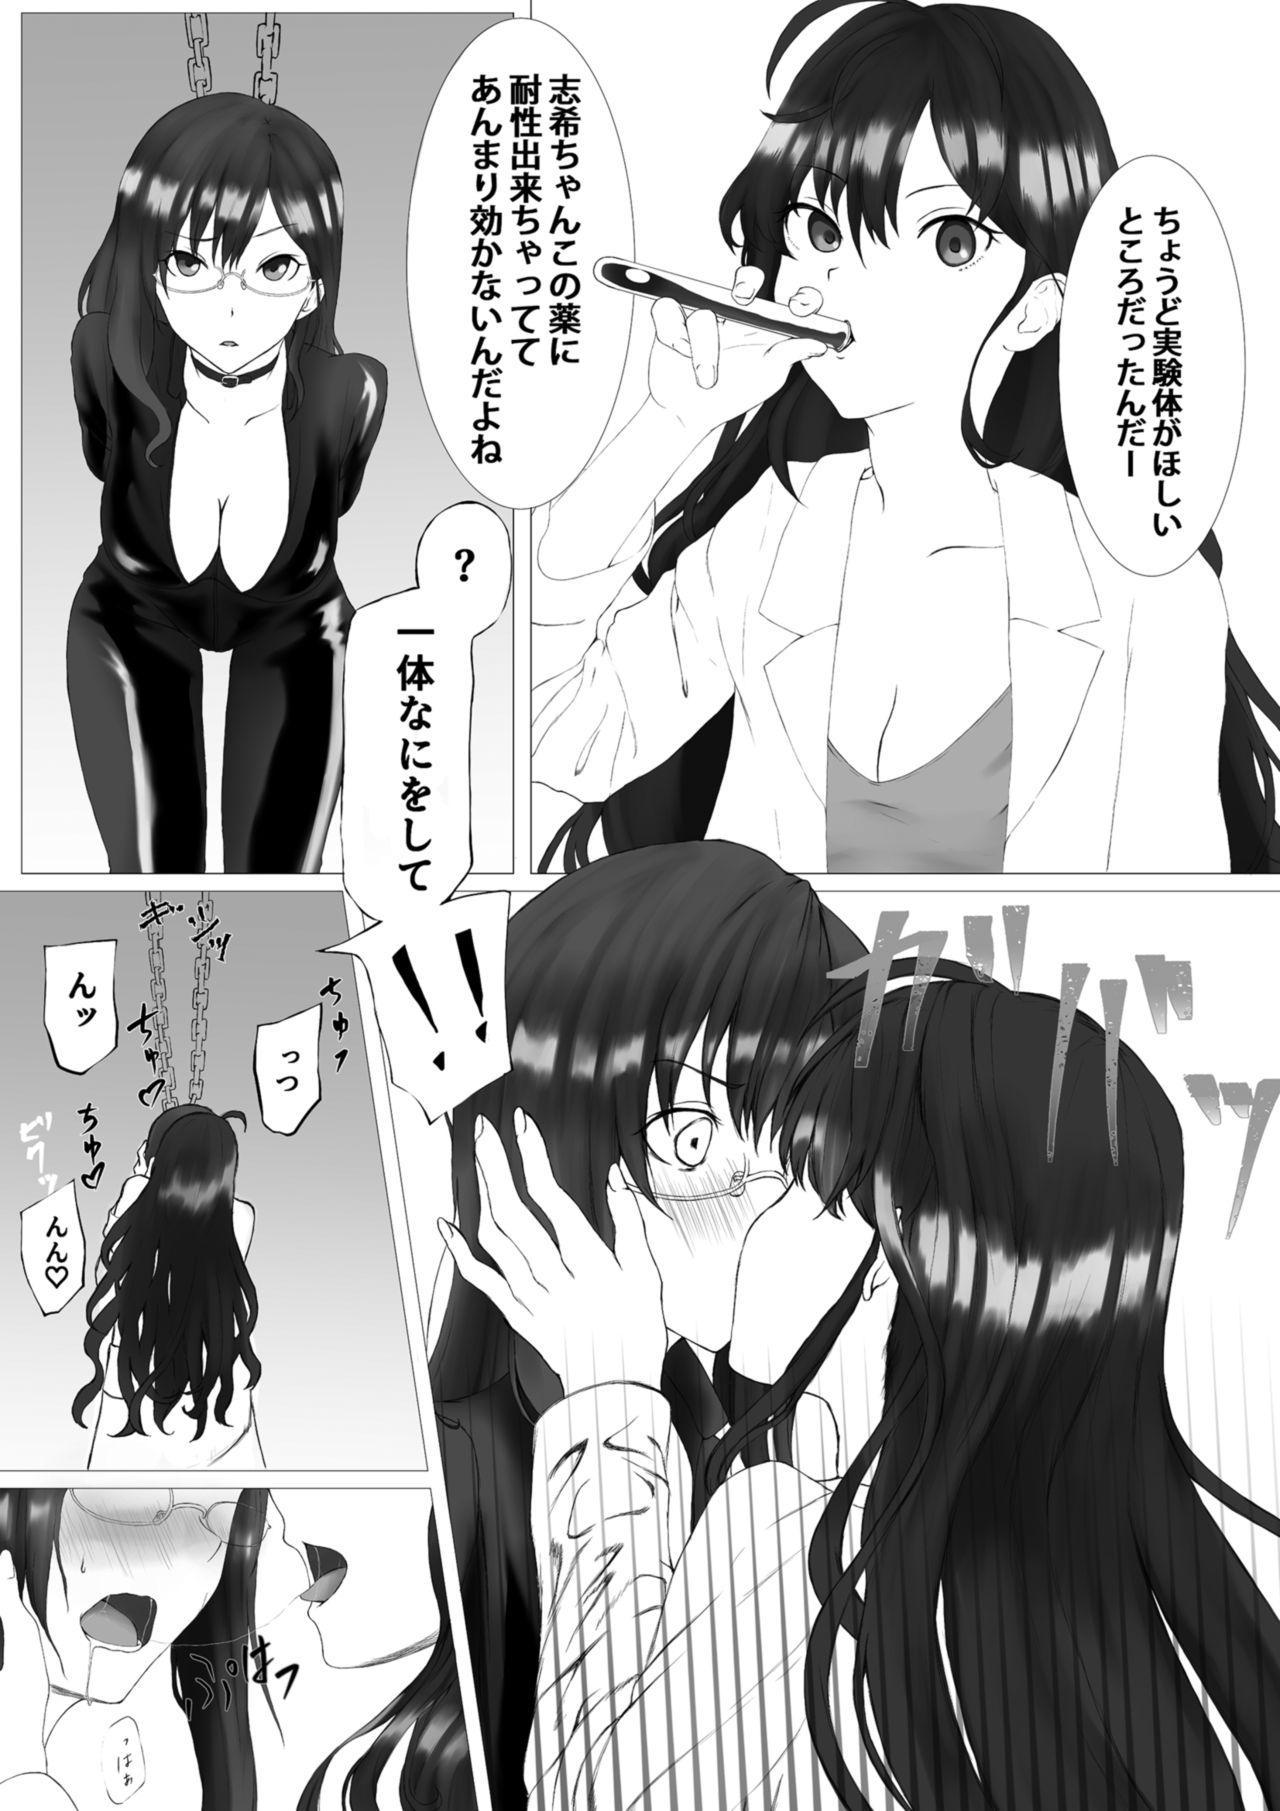 Shiki no Labo ni Shinobikonda Makino ga Hidoi Koto Sareru Hon 5